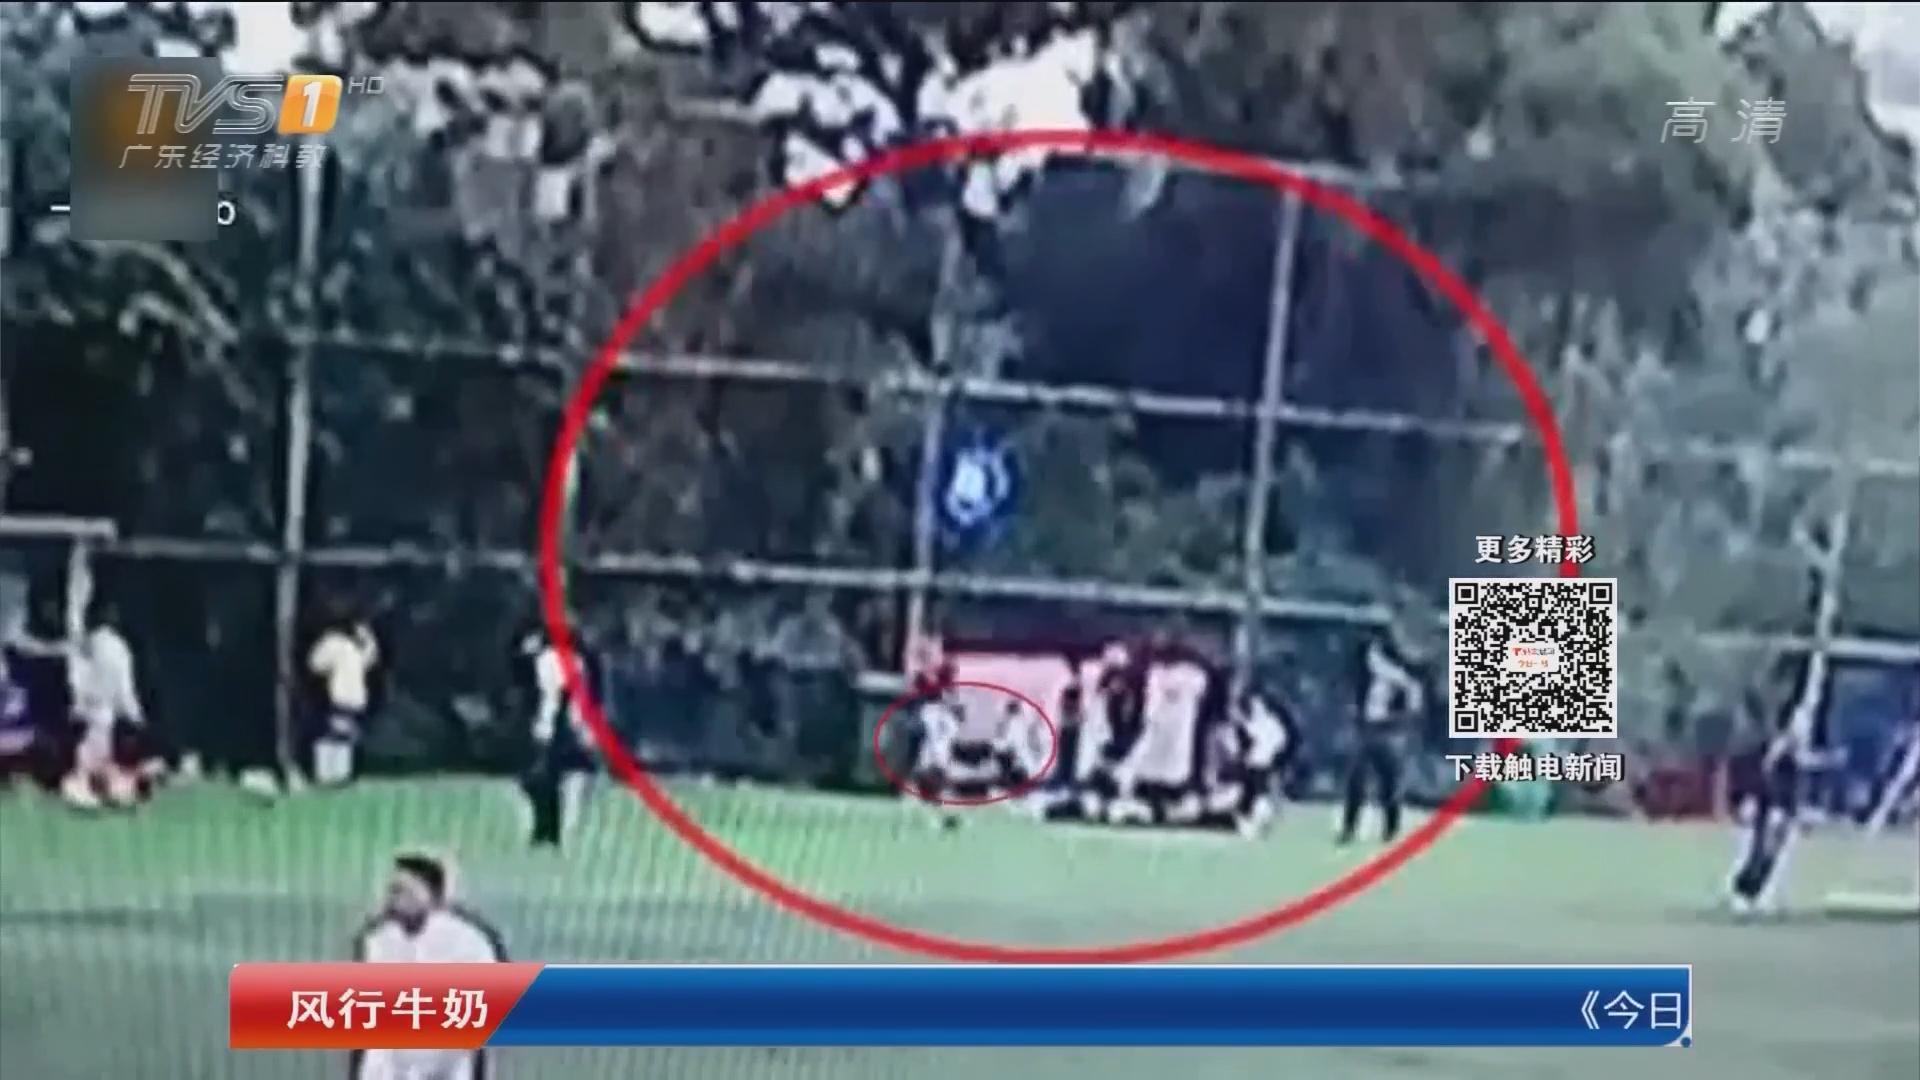 深圳:嫌小孩太闹 男子操场怒摔四岁男童